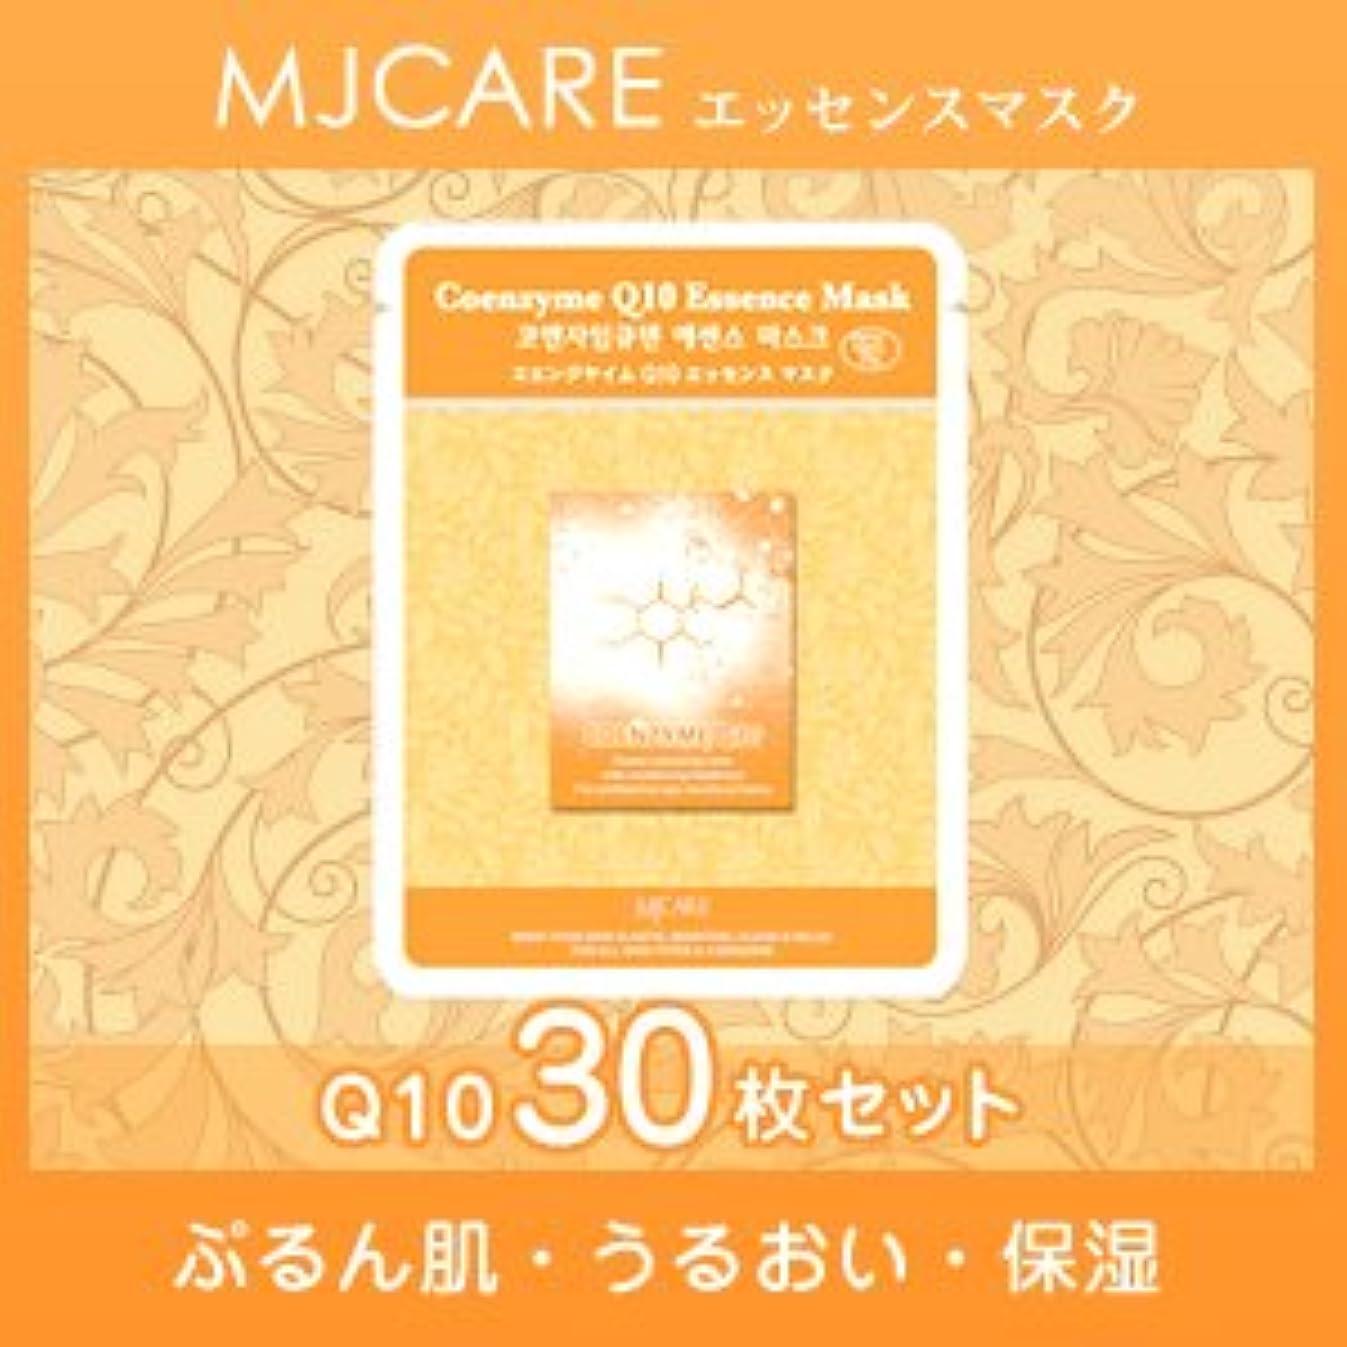 リーチ作業求めるMJCARE (エムジェイケア) コエンザイムQ10 エッセンスマスク 30セット